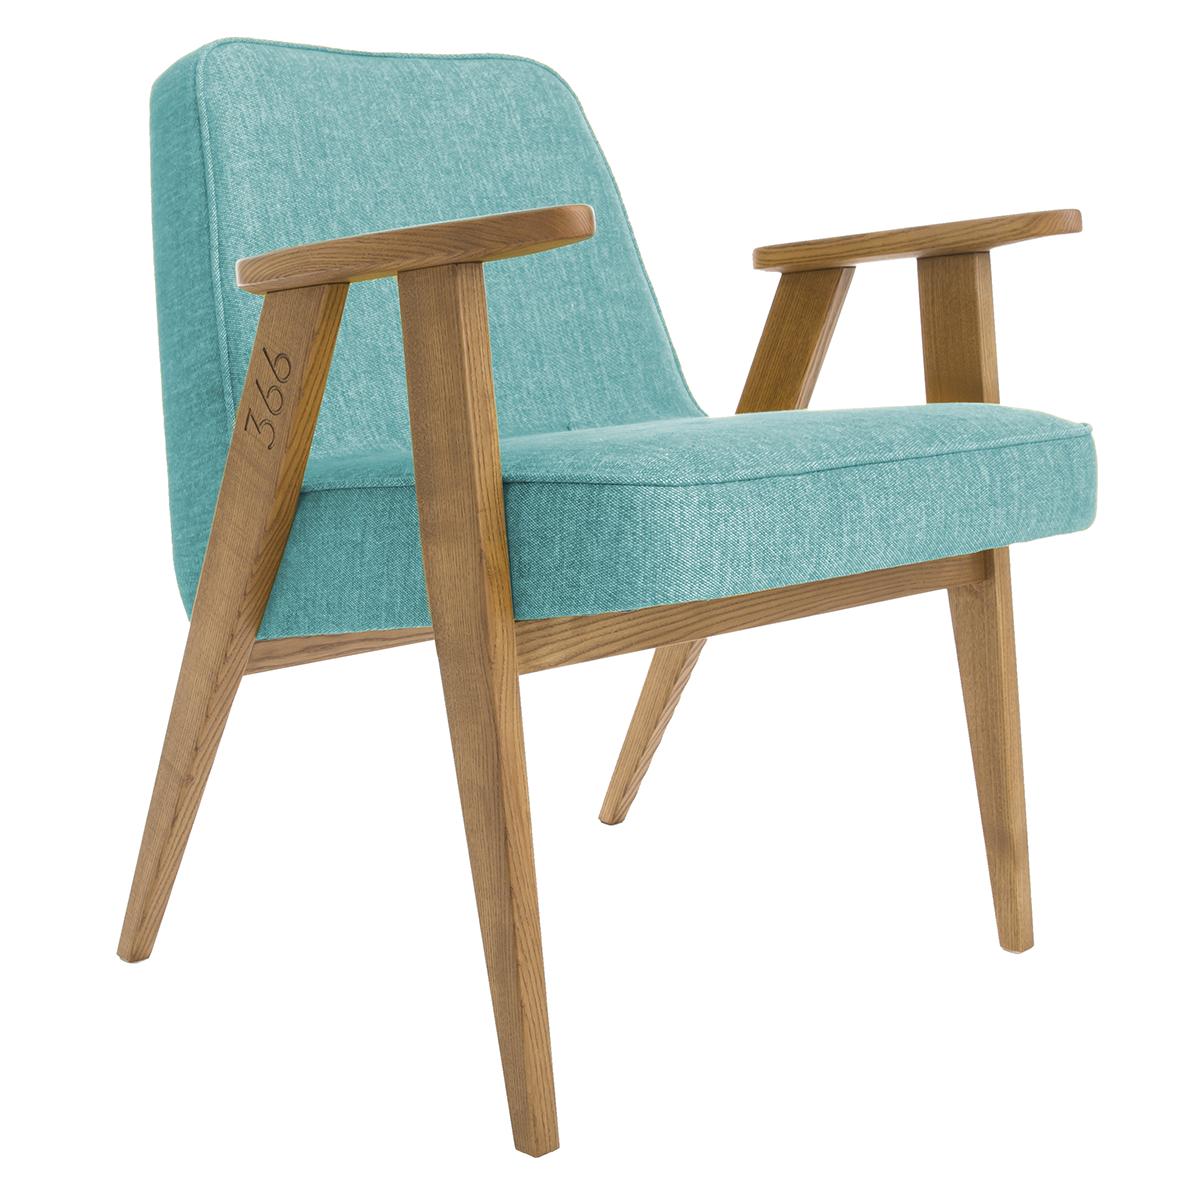 slavia vintage r ditions fauteuil 366 jozef chierowski 366 concept loft turquoise. Black Bedroom Furniture Sets. Home Design Ideas